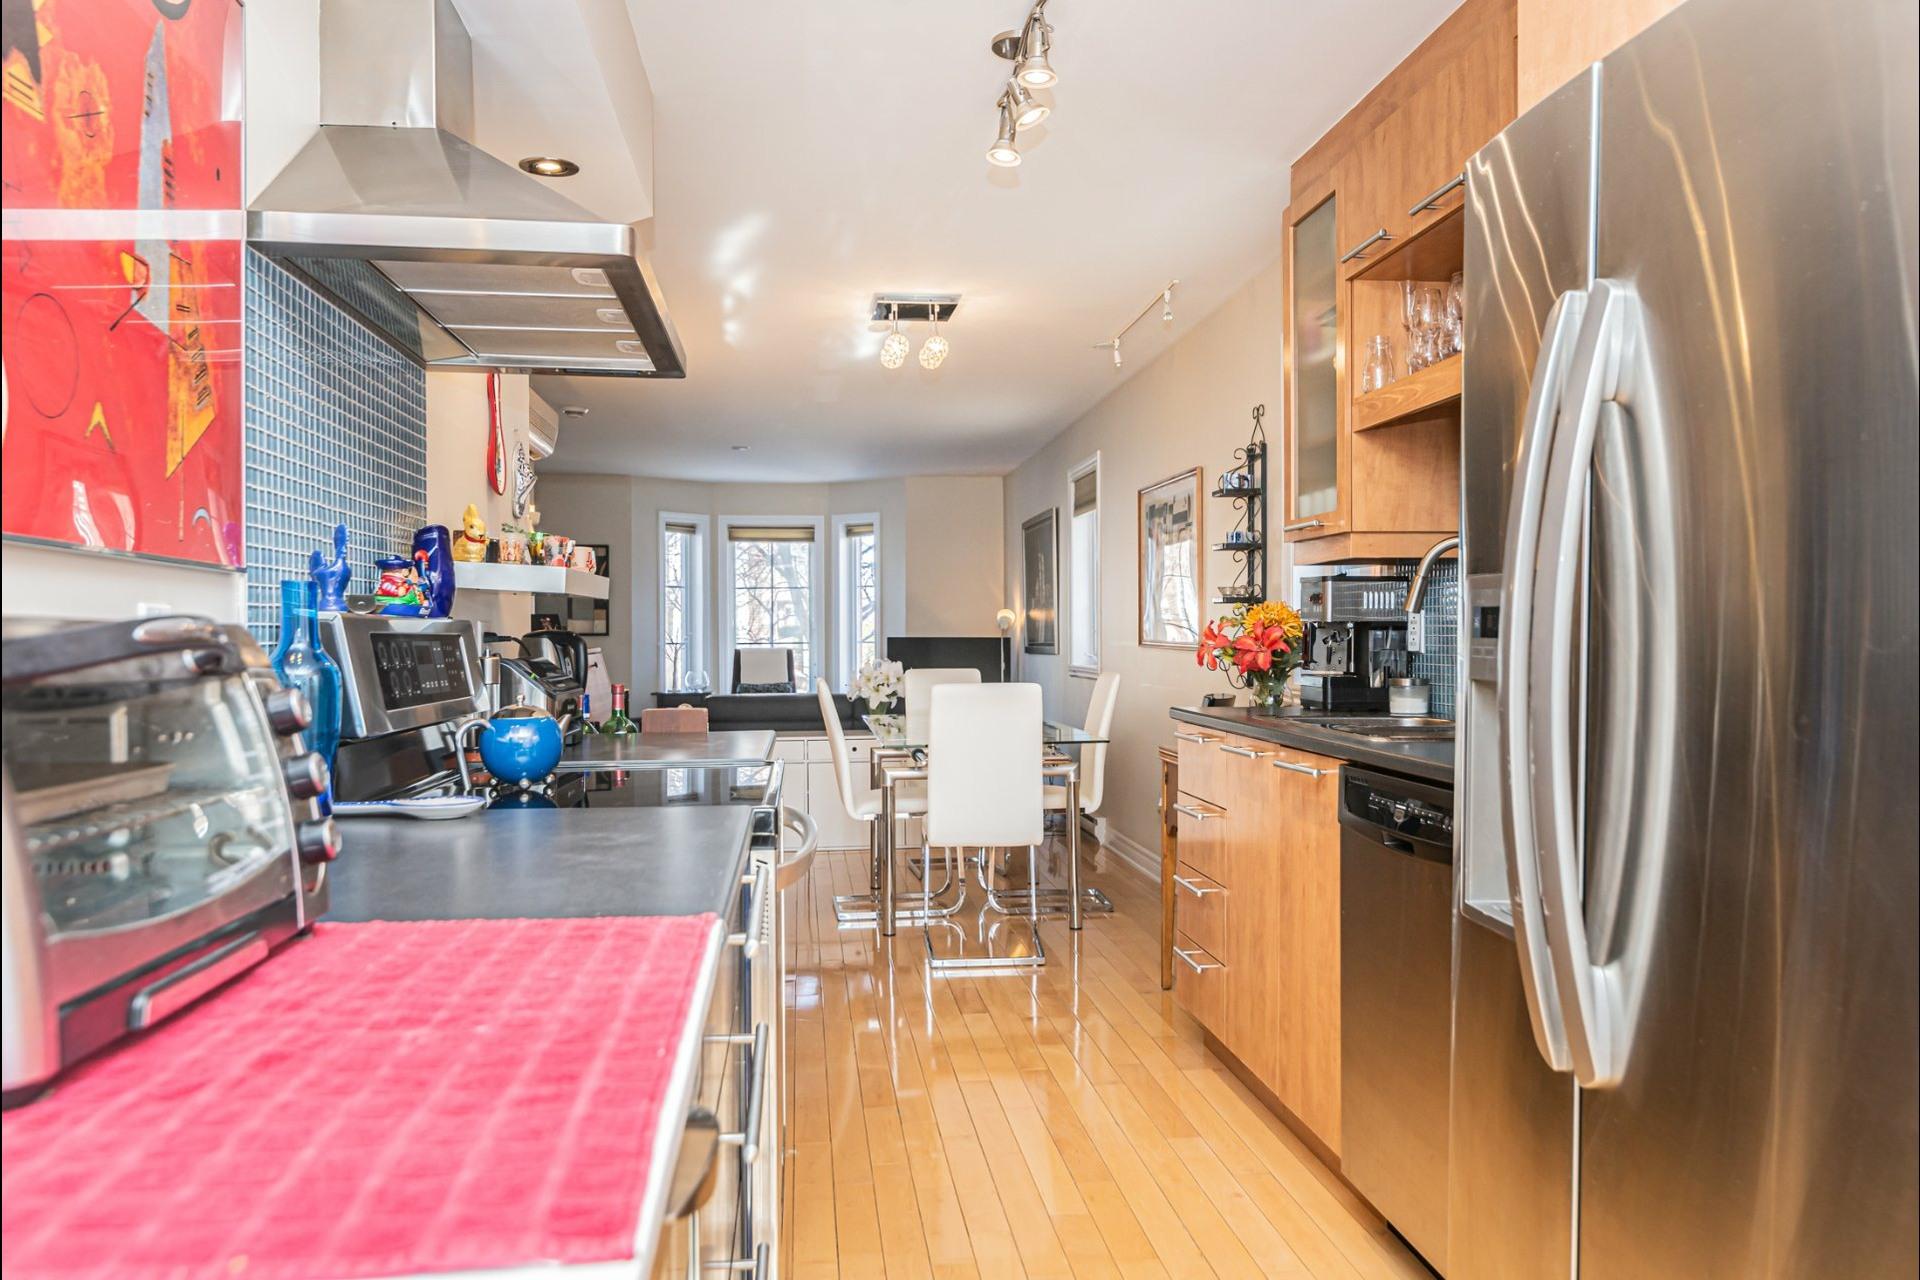 image 8 - Apartment For sale Saint-Laurent Montréal  - 4 rooms